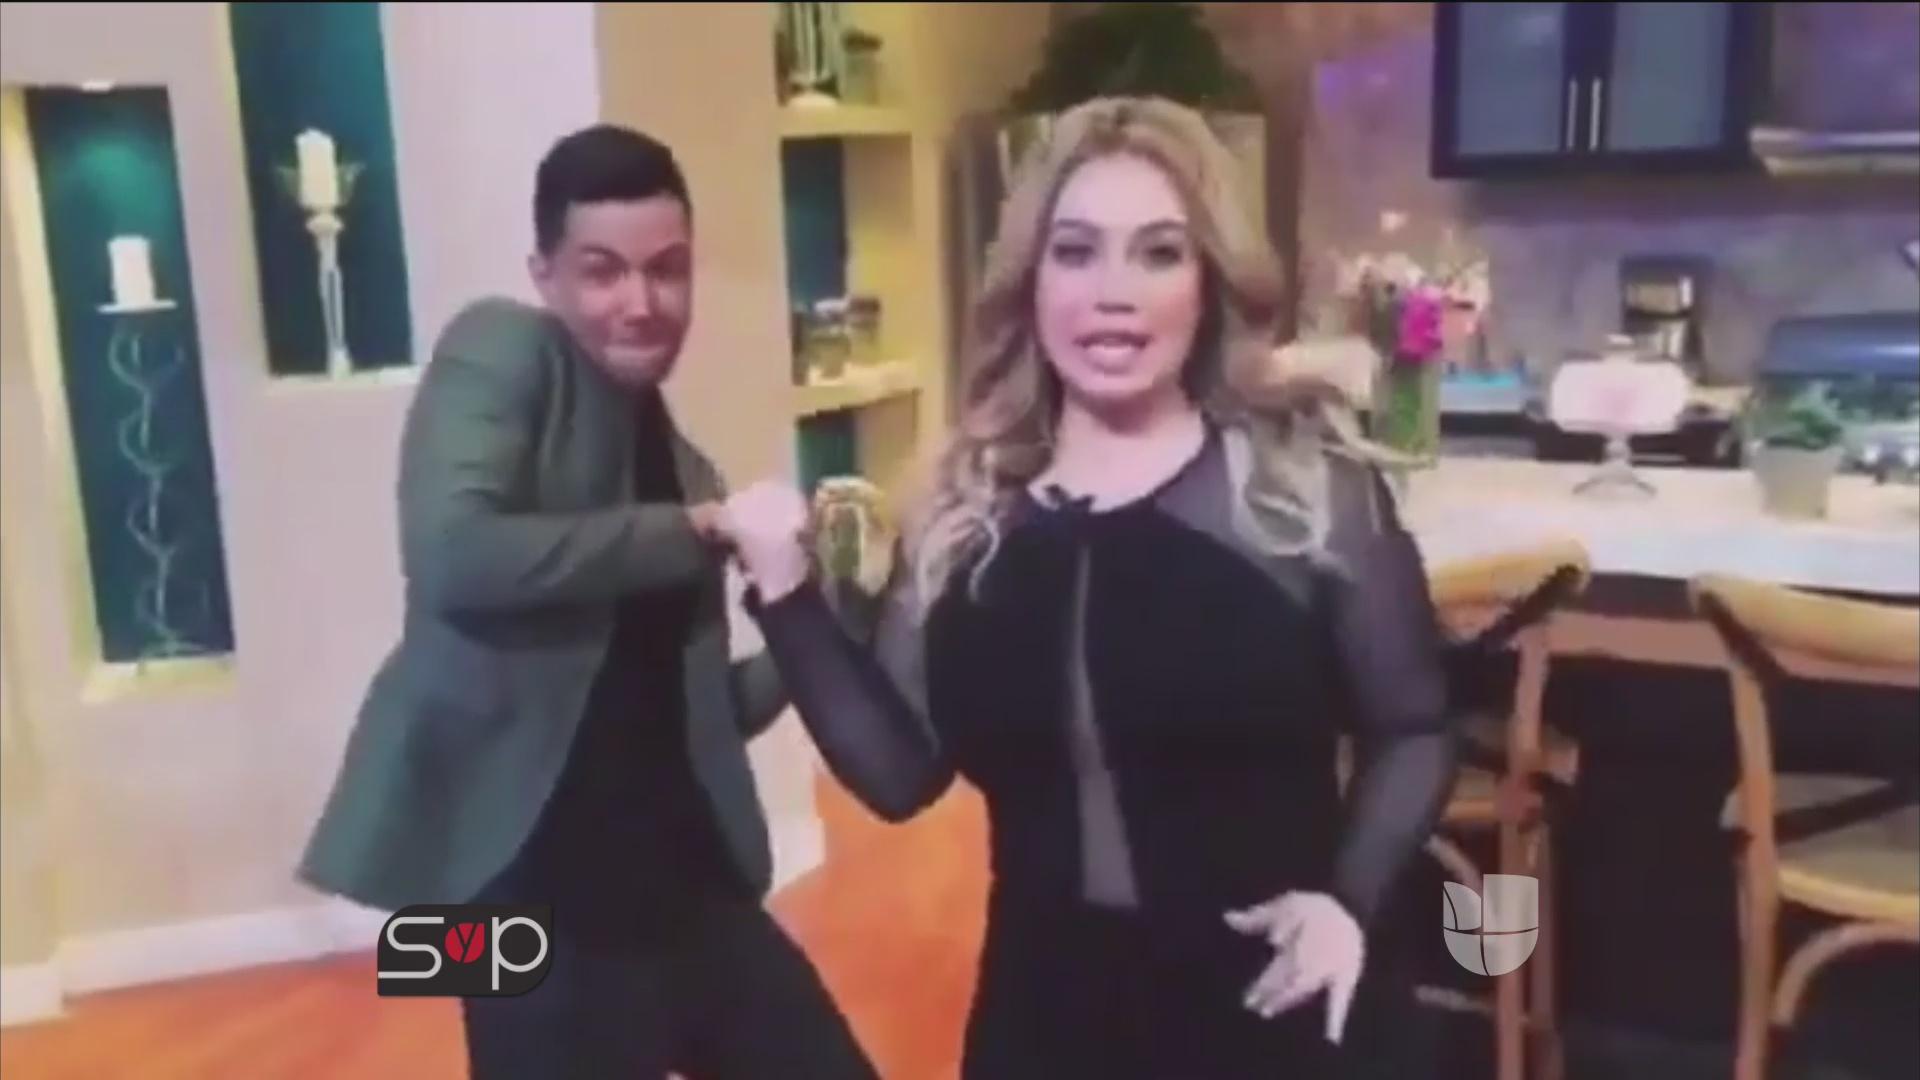 Actriz Porno Daniela Morochola https://www.univision/shows/el-gordo-y-la-flaca/emilio